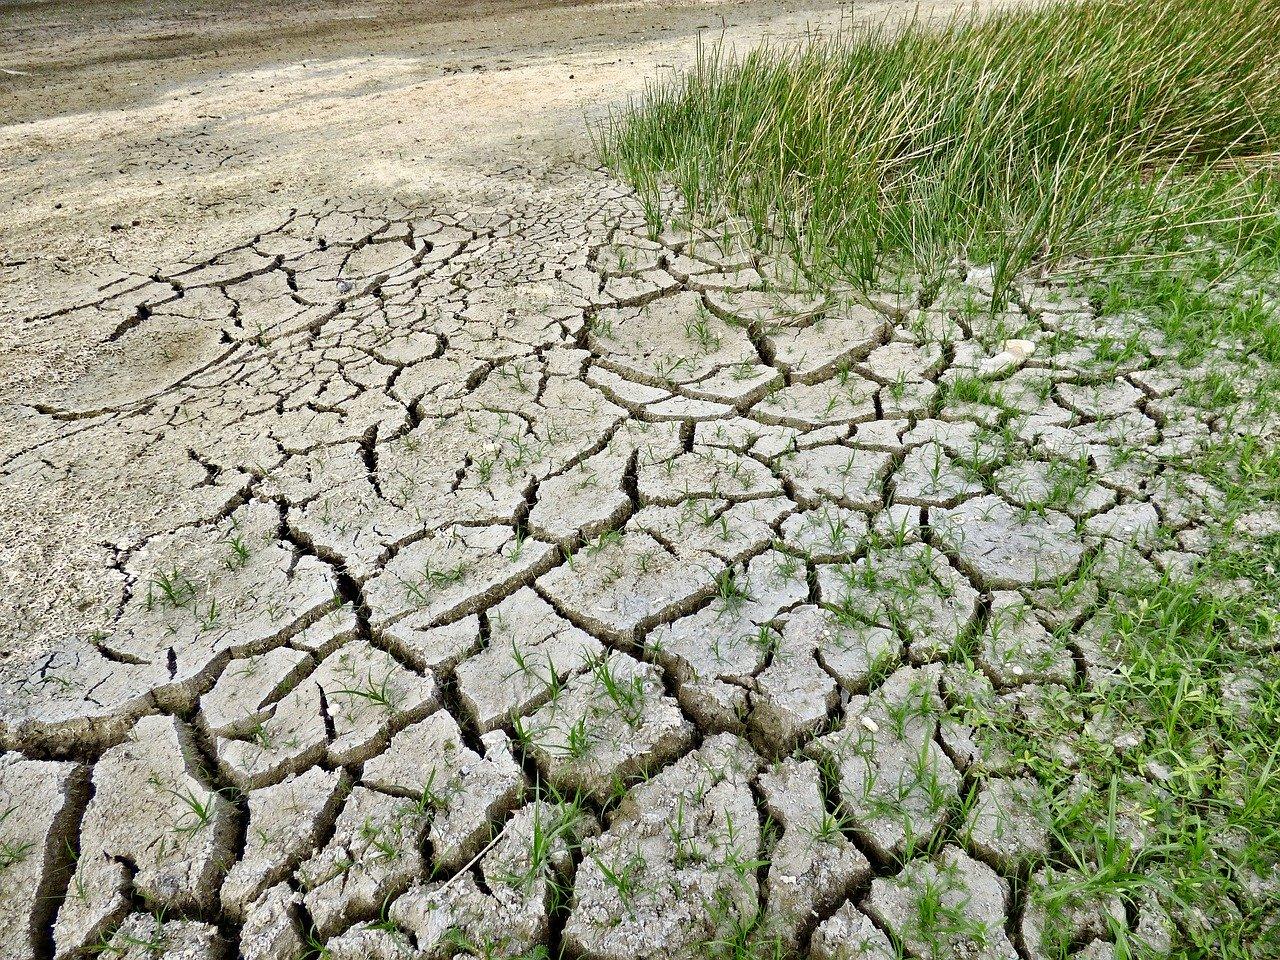 Imagen de tierra seca y agrietada